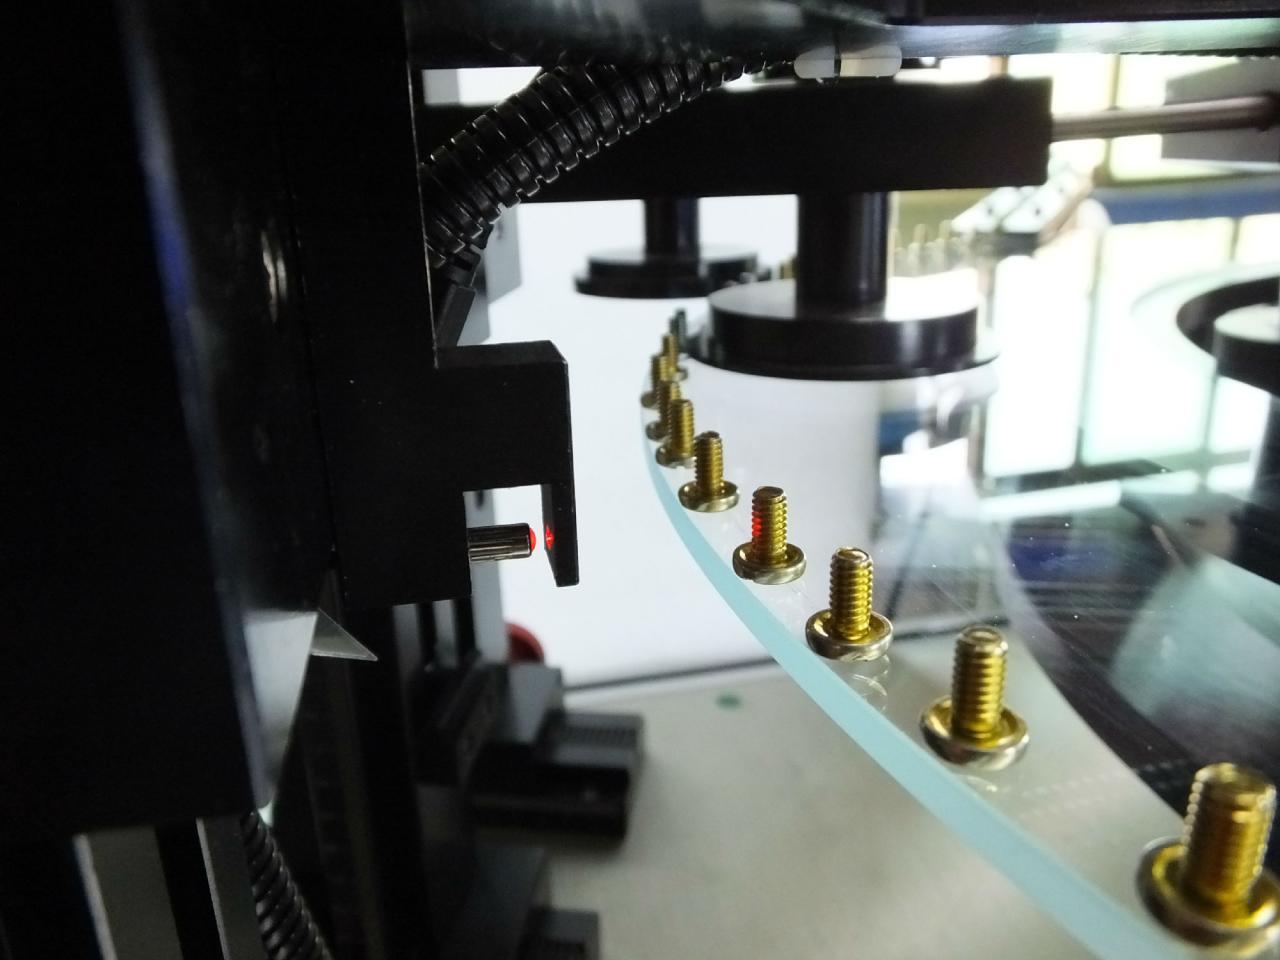 螺丝尺寸检测(螺丝自动化视觉检测设备系统)-机器视觉_视觉检测设备_3D视觉_缺陷检测